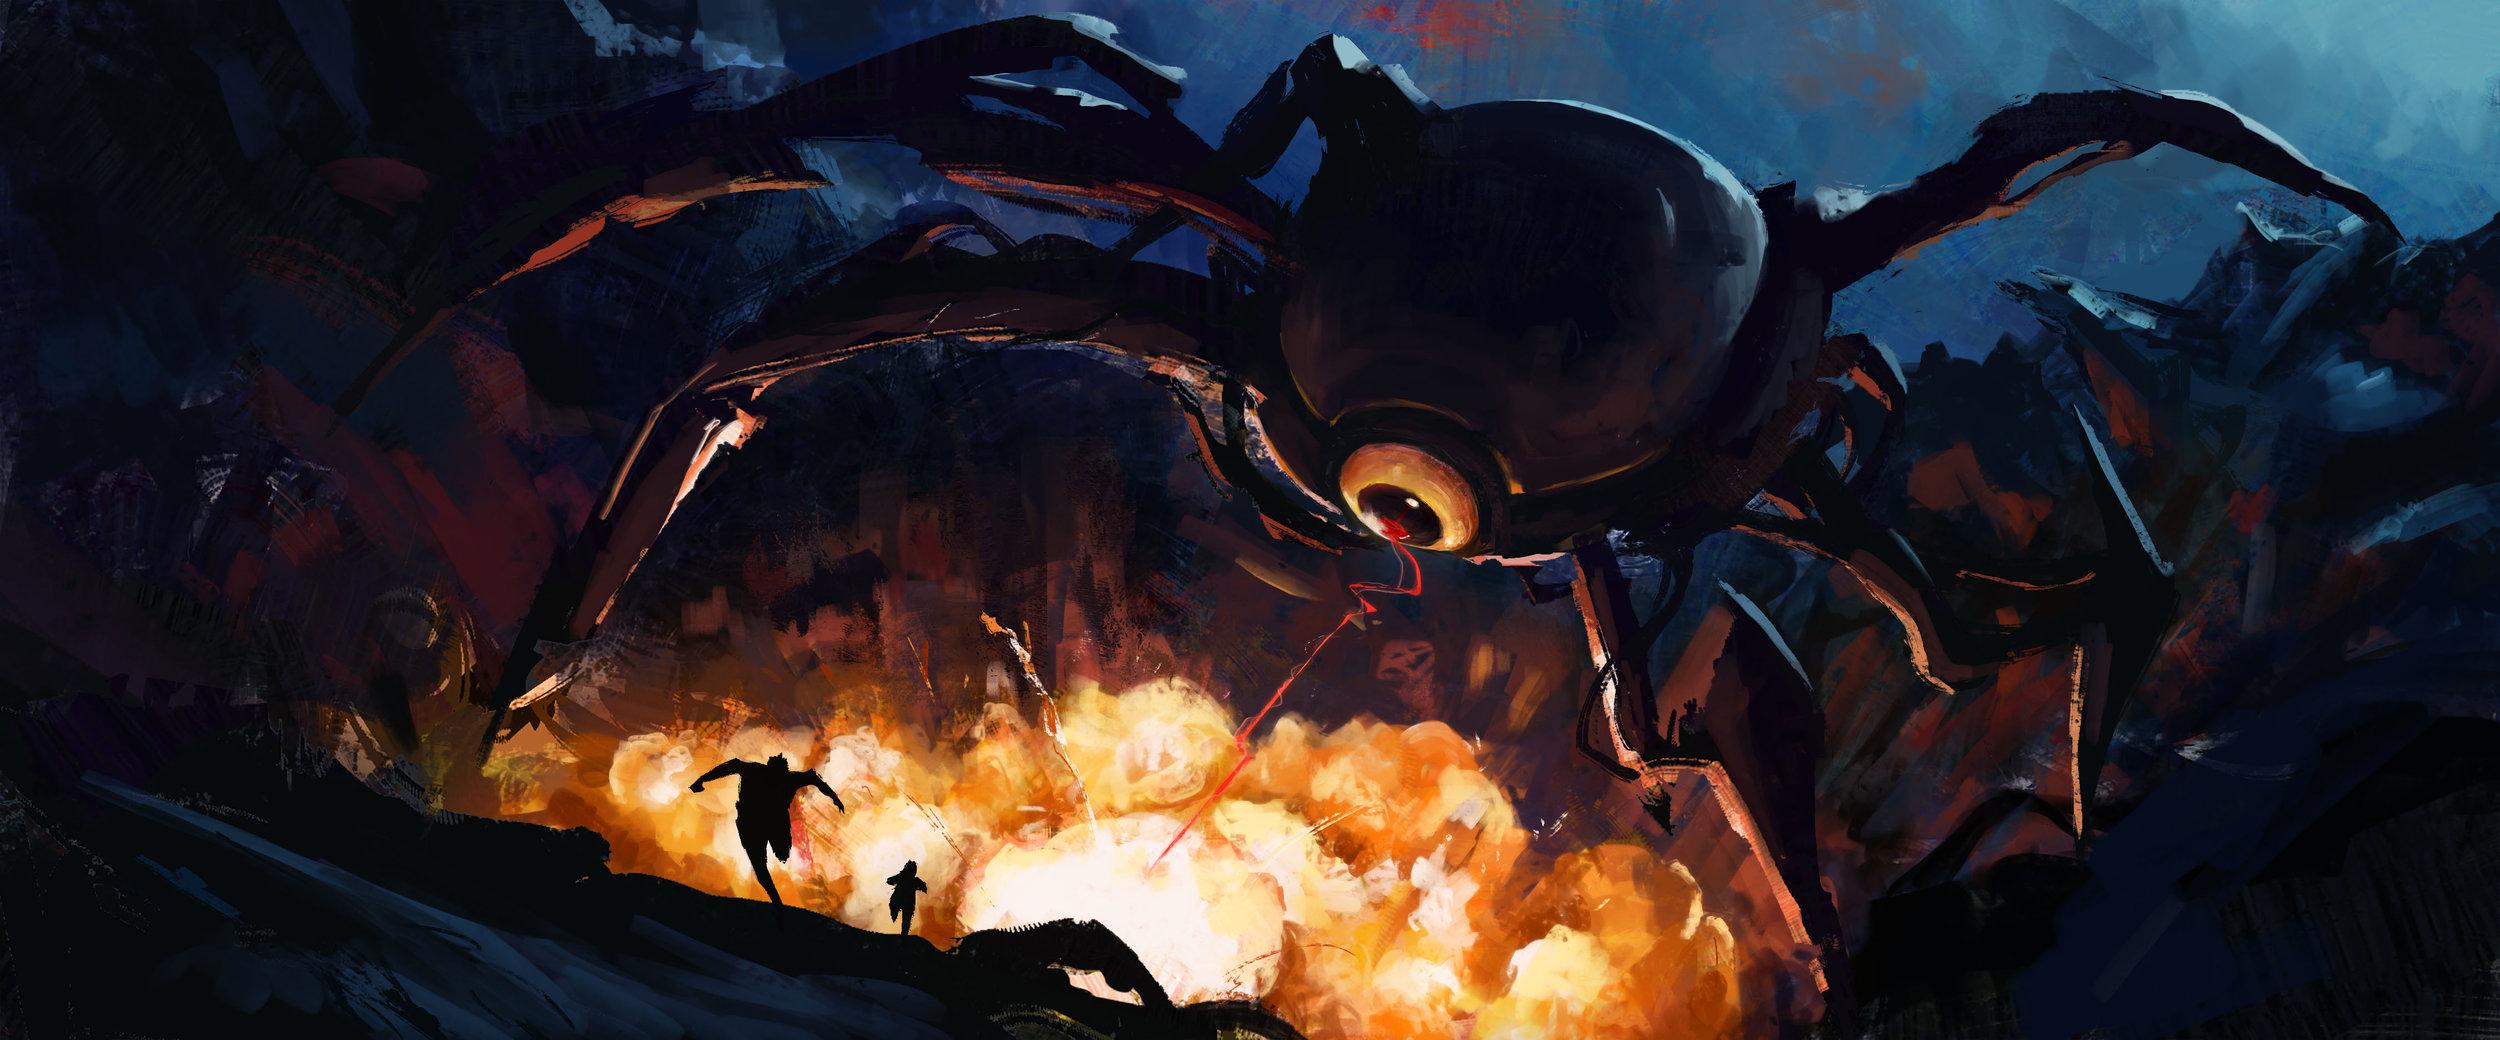 Alien attack.jpg